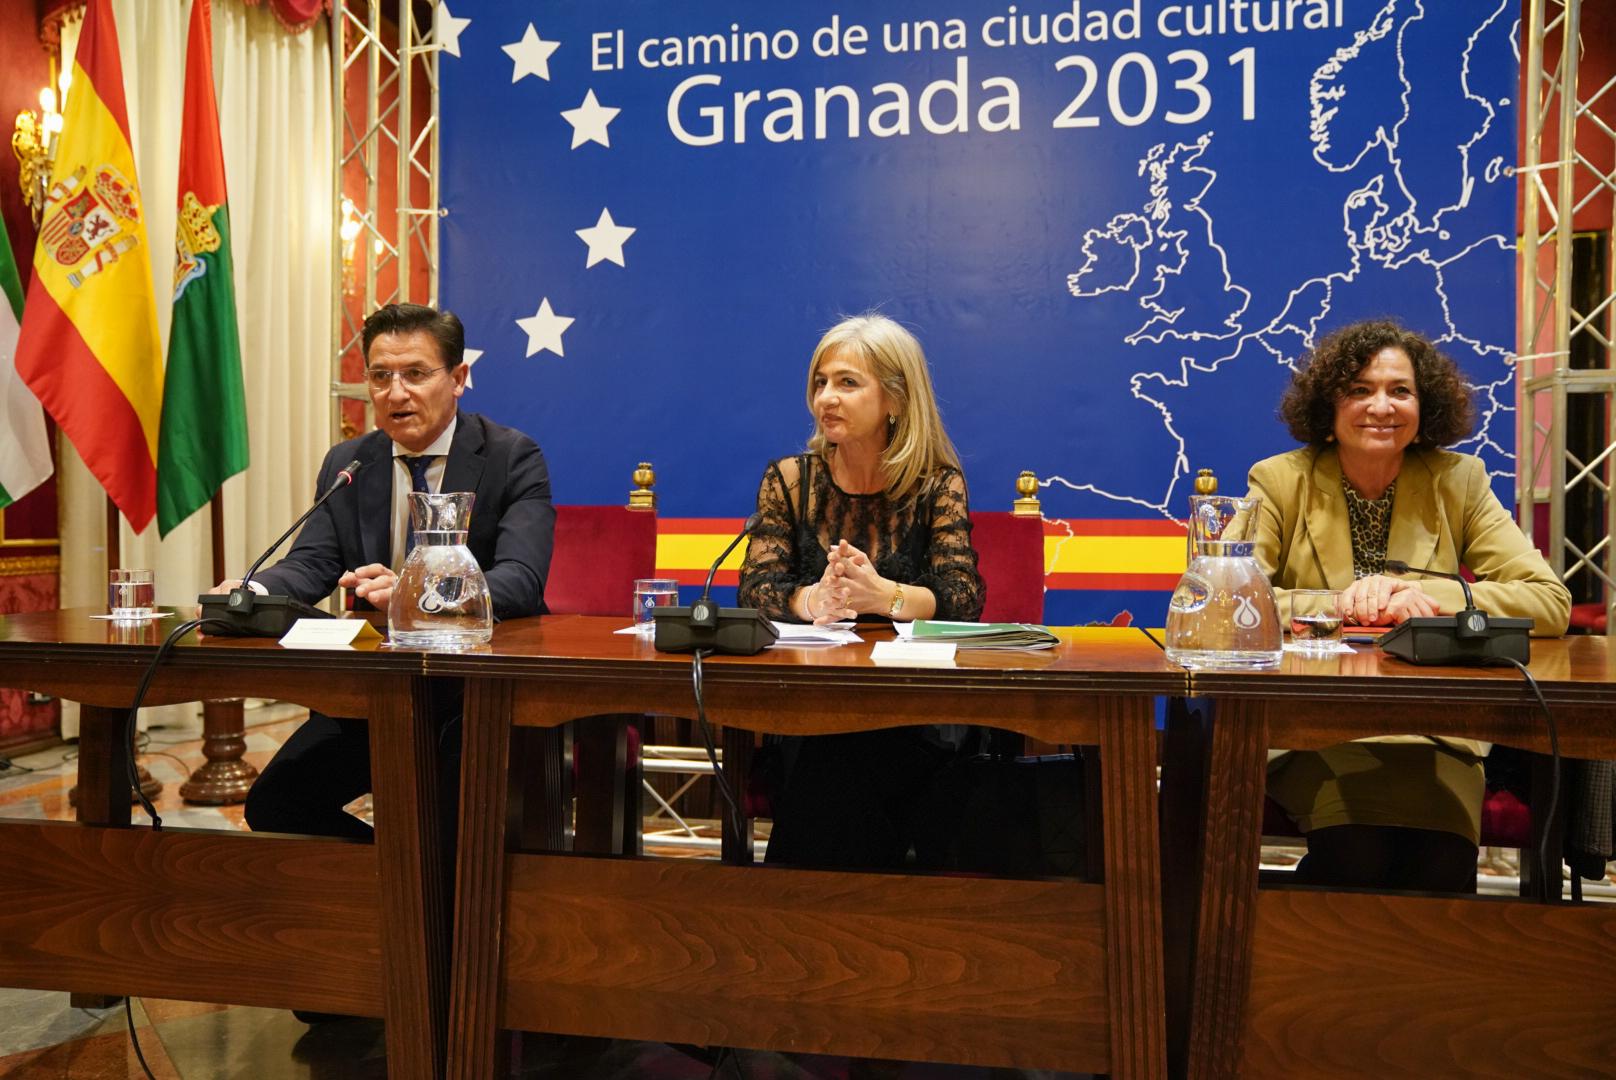 La Junta anuncia un refuerzo de la programación e infraestructuras de cara a la capitalidad cultural